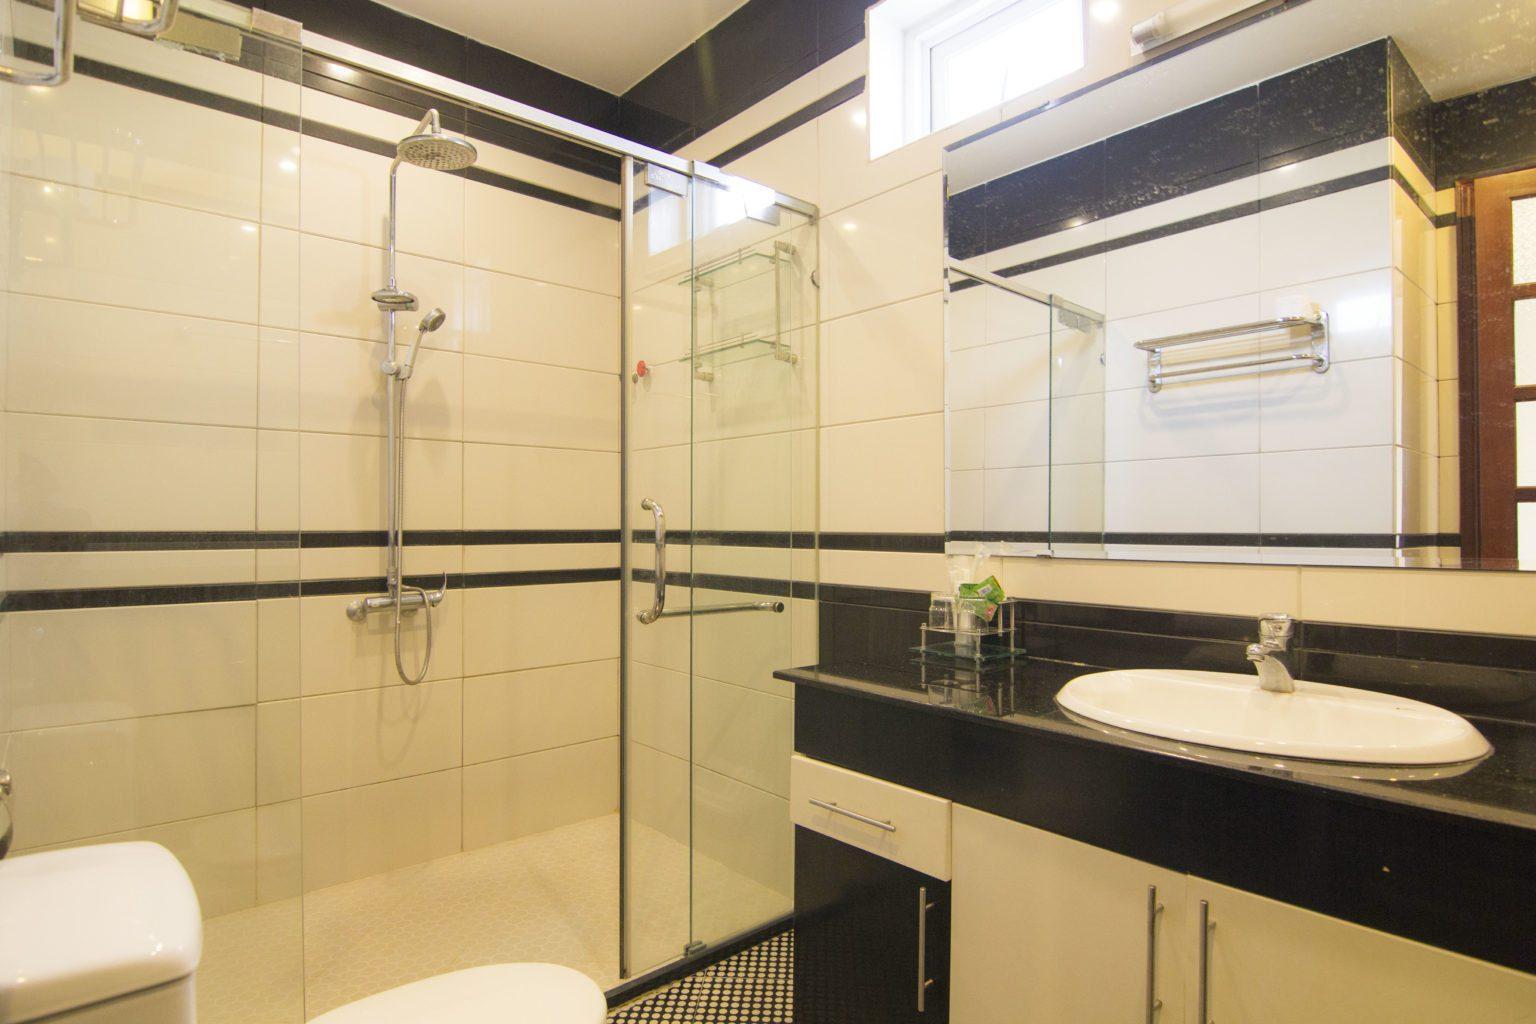 Phong ngu sang trong va toilet rieng dang cap biet thu Vung Tau Ali8B